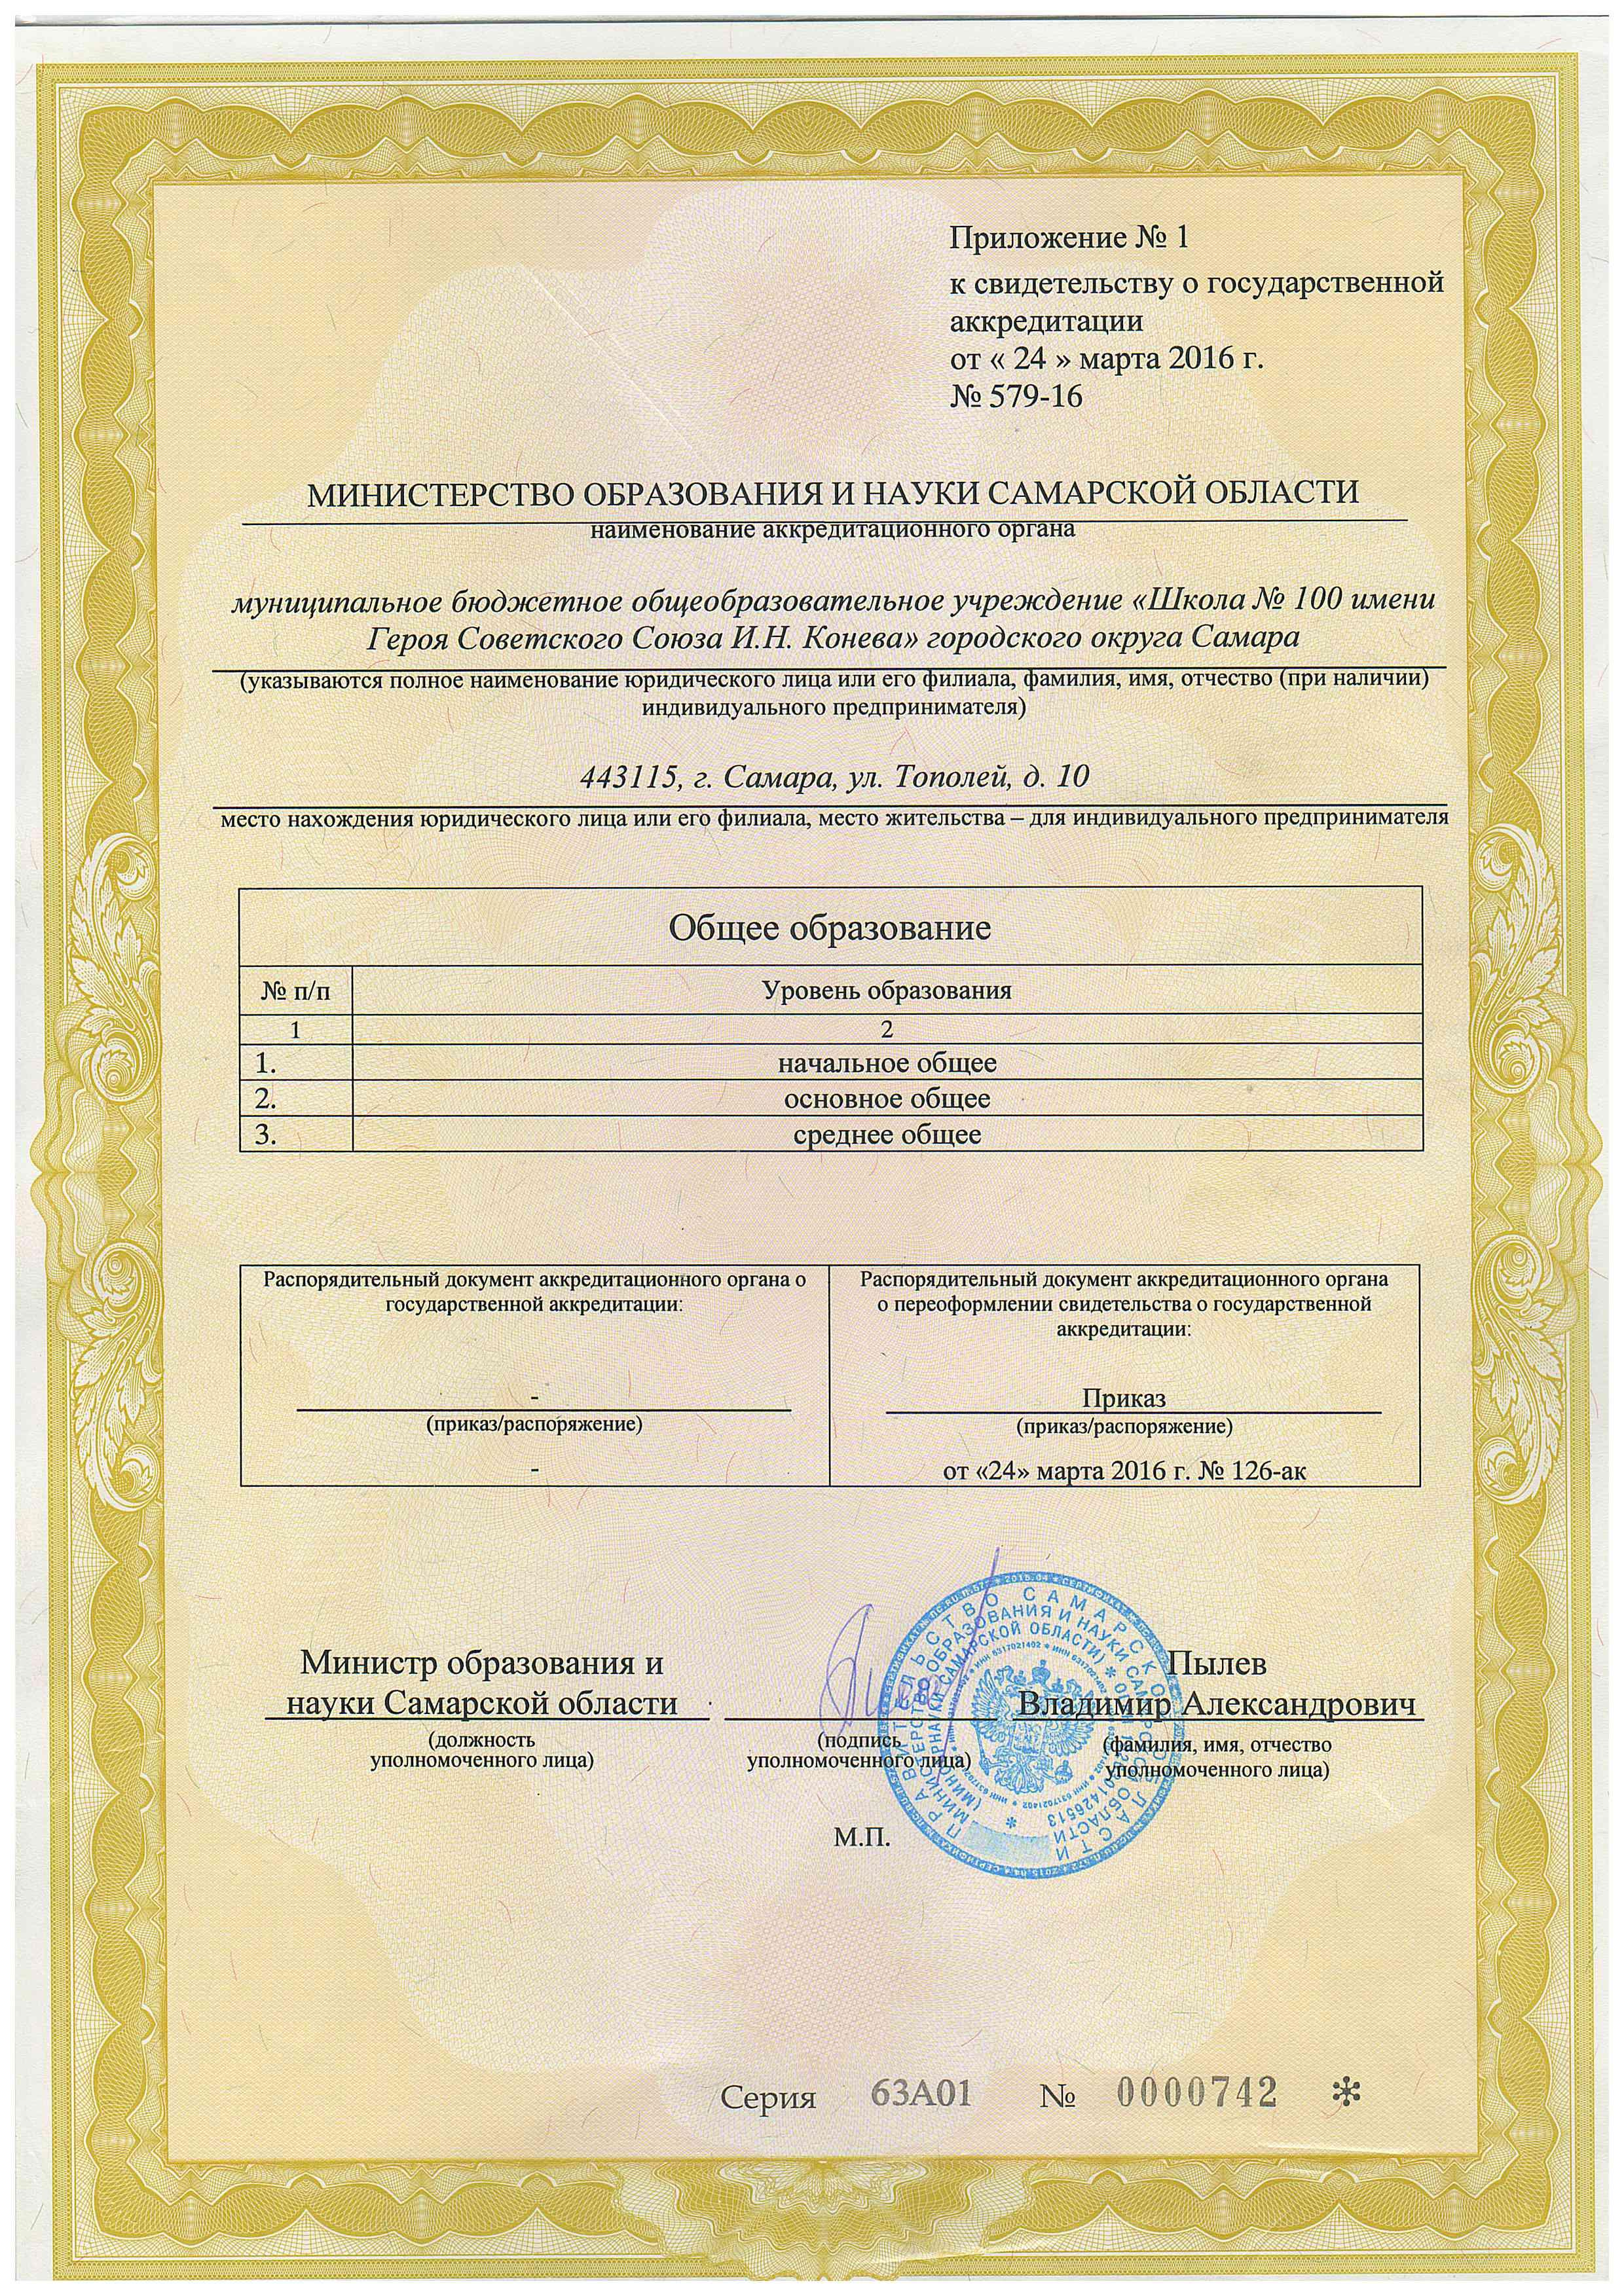 Приложение №1 к свидетельству об аккредитации